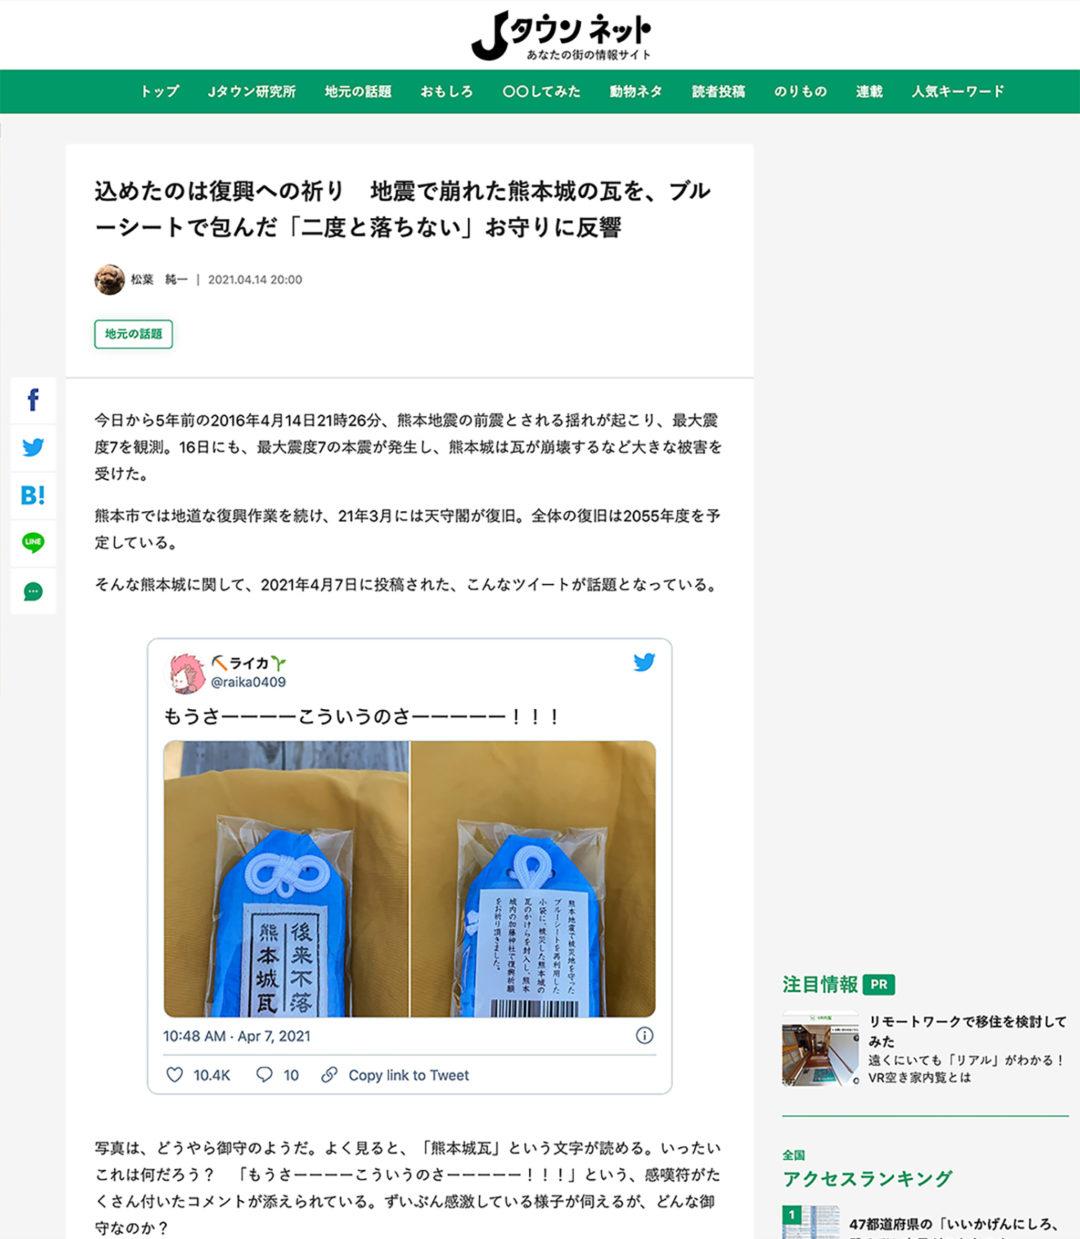 20210414_地震で崩れた熊本城の瓦を、ブルーシートで包んだ「二度と落ちない」お守りに反響-|Jタウンネット